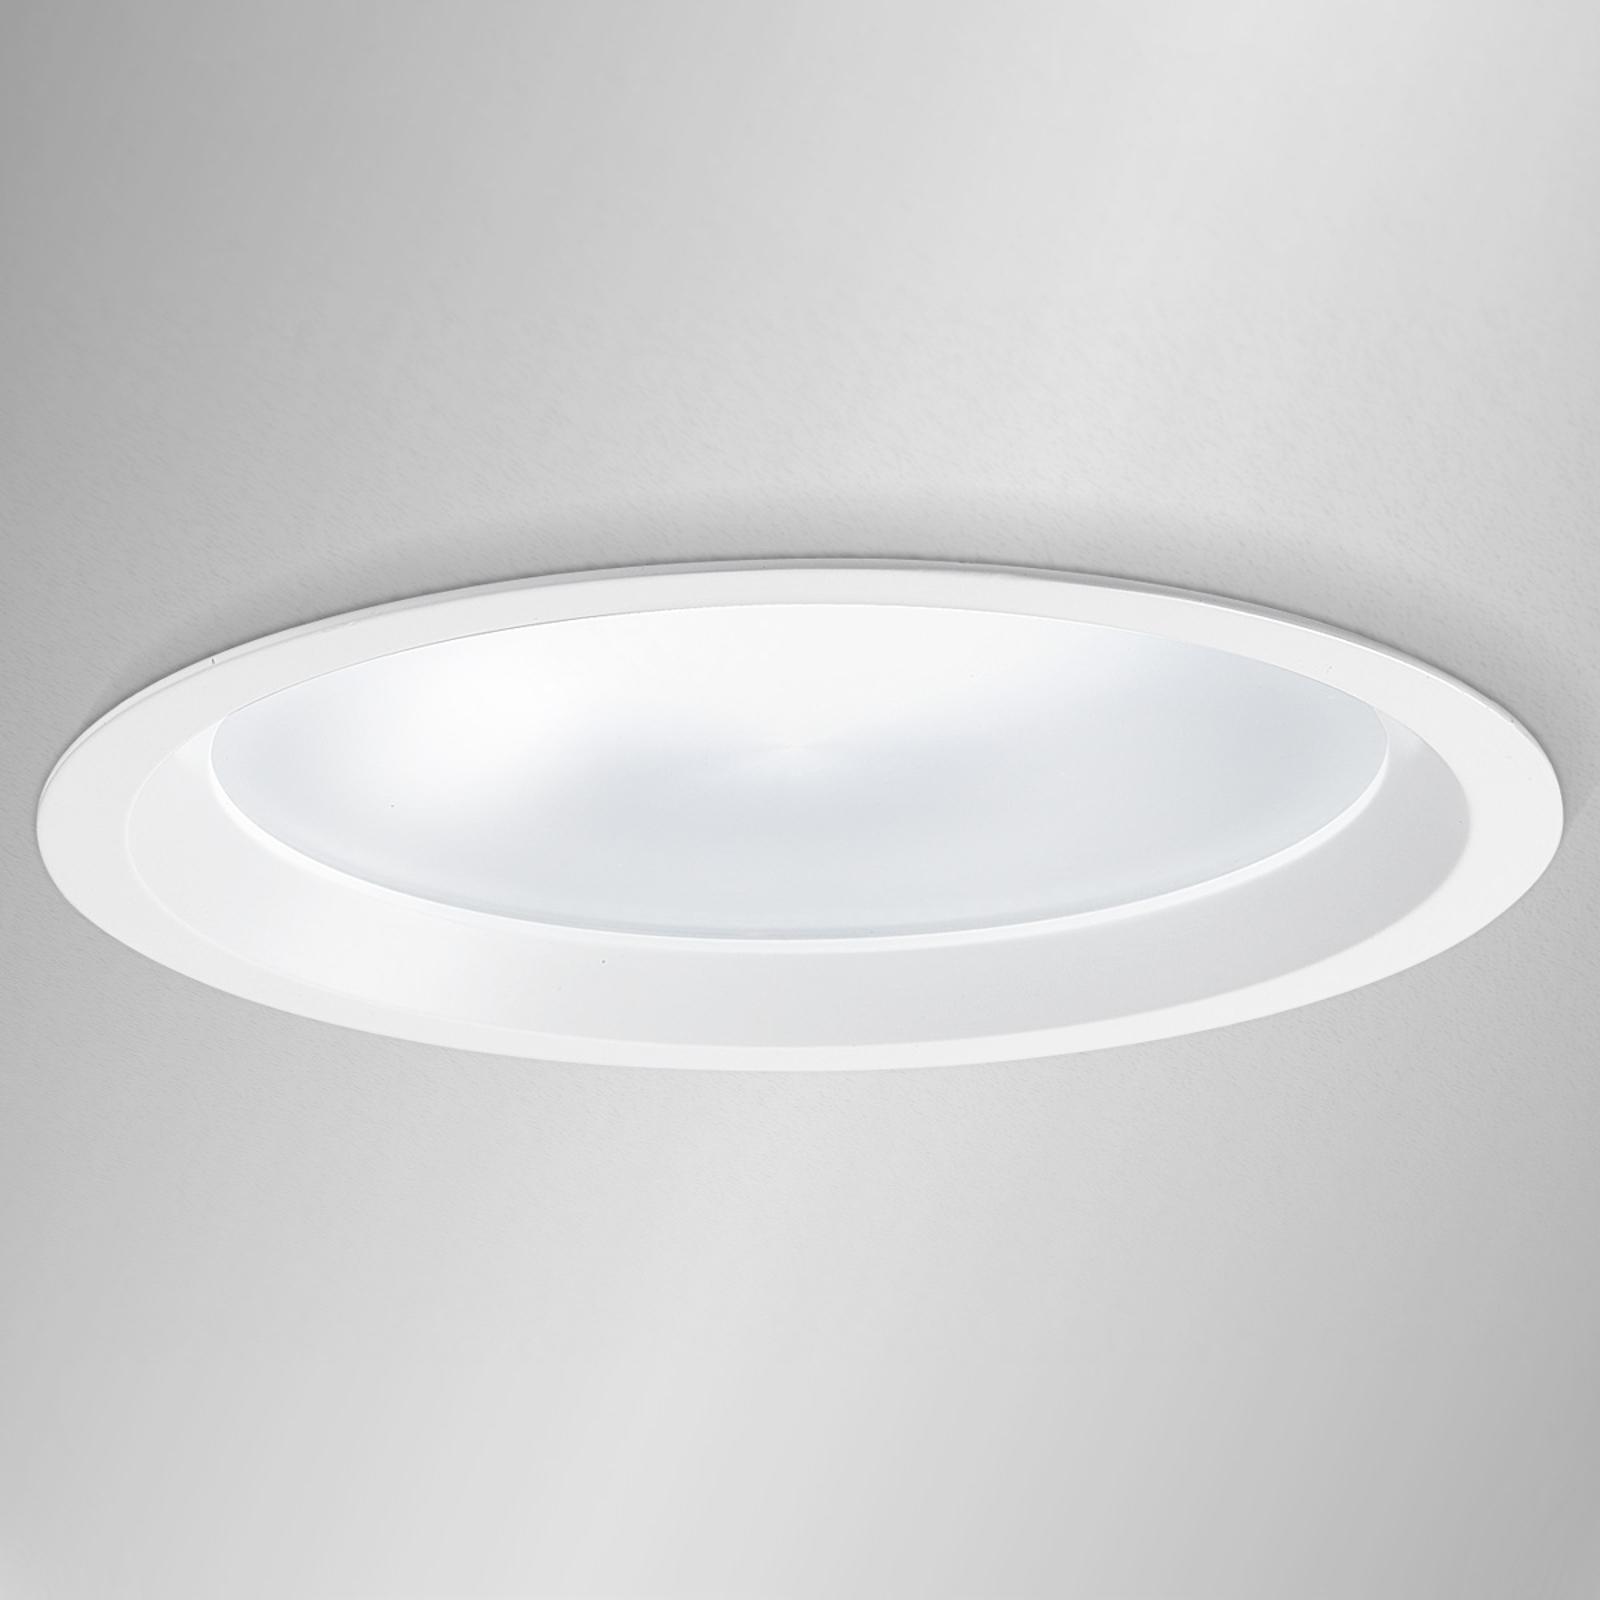 Downlight LED da incasso Strato 230 Ø 23 cm